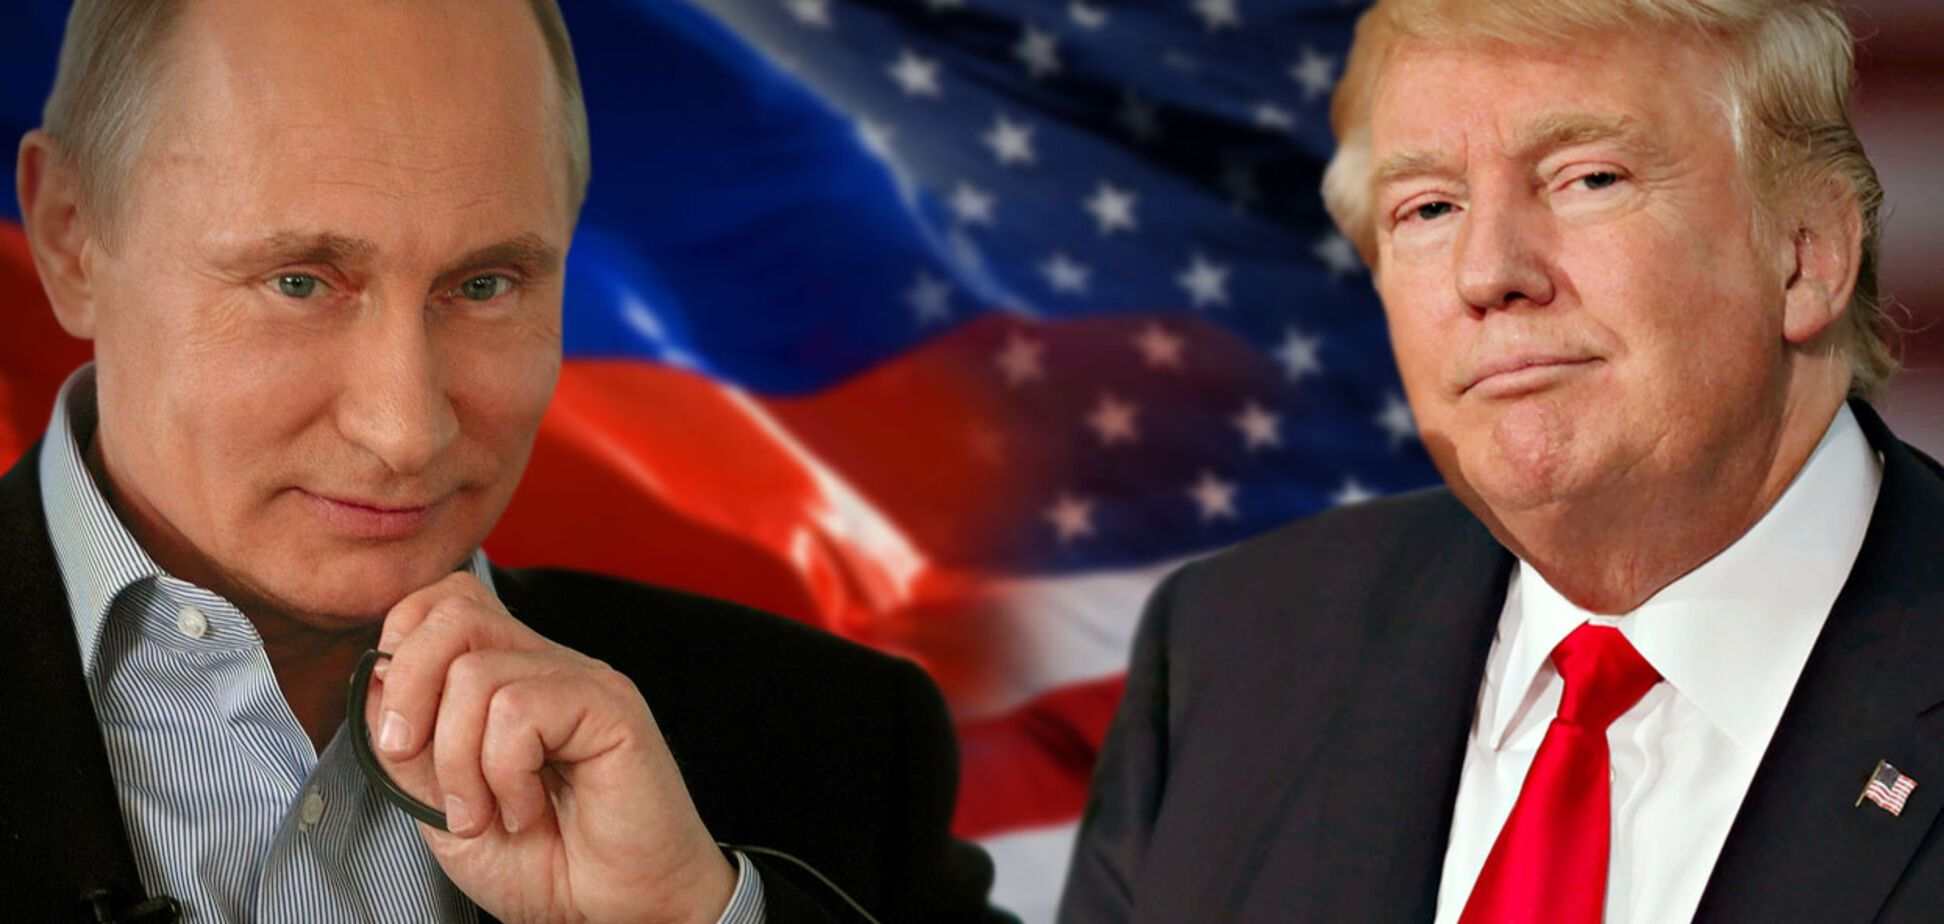 Убийства в Украине и встреча Путин-Трамп: генерал увидел связь